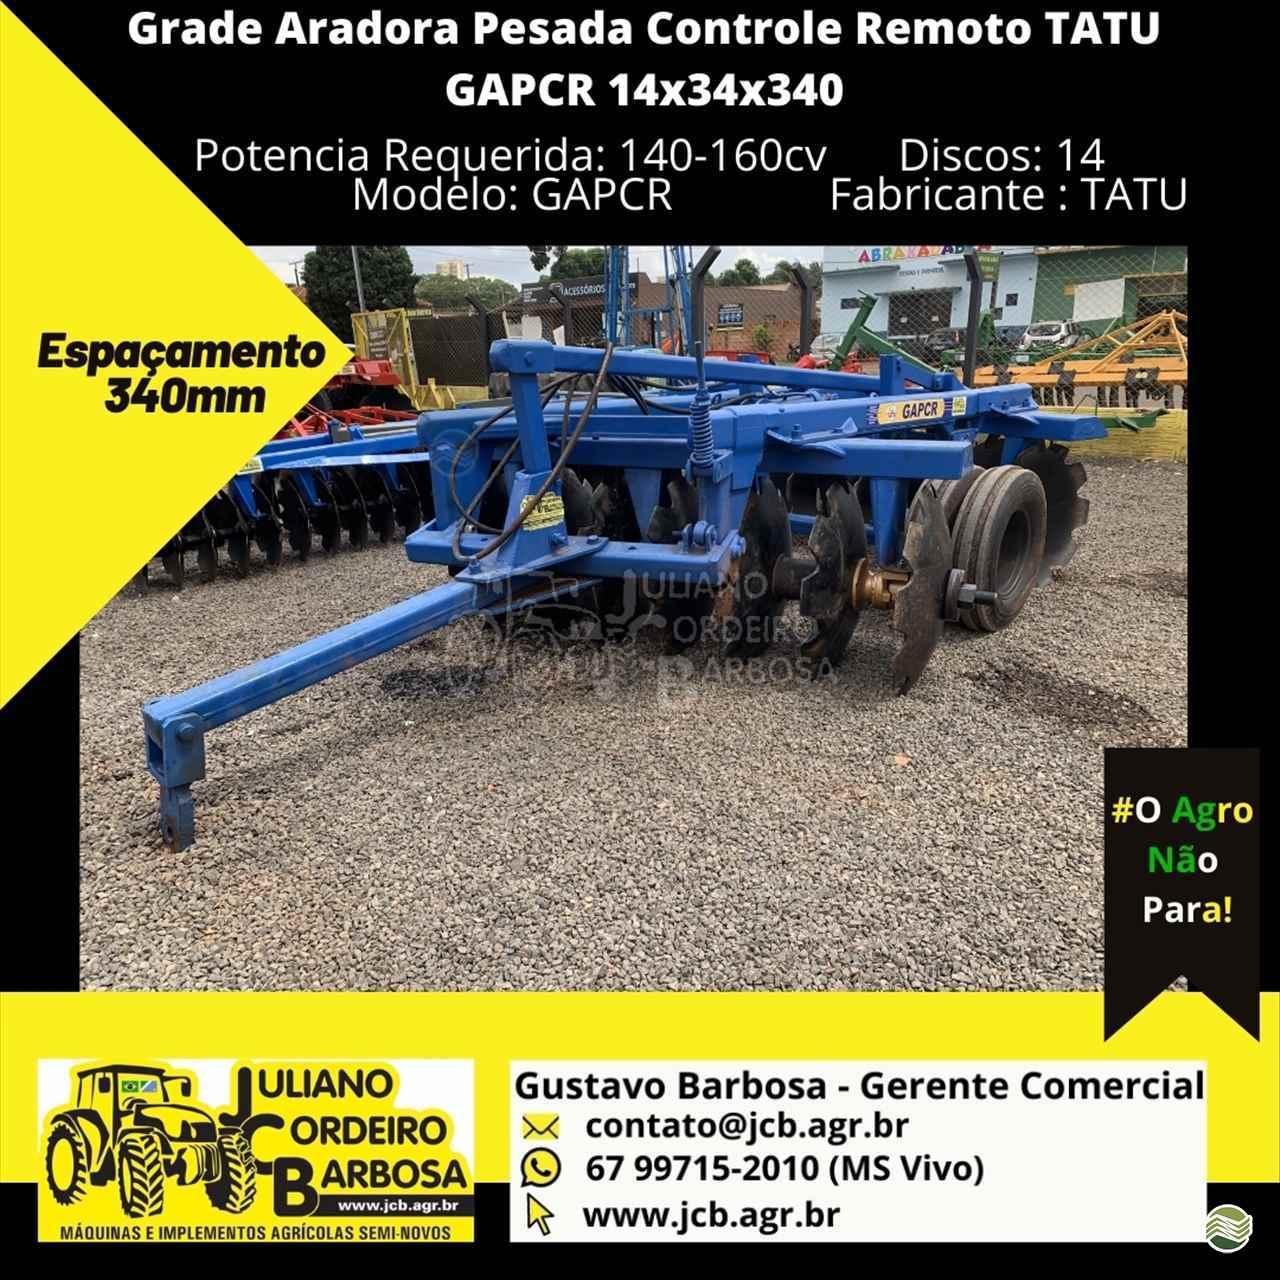 IMPLEMENTOS AGRICOLAS GRADE ARADORA ARADORA 14 DISCOS JCB Máquinas e Implementos Agrícolas MARACAJU MATO GROSSO DO SUL MS